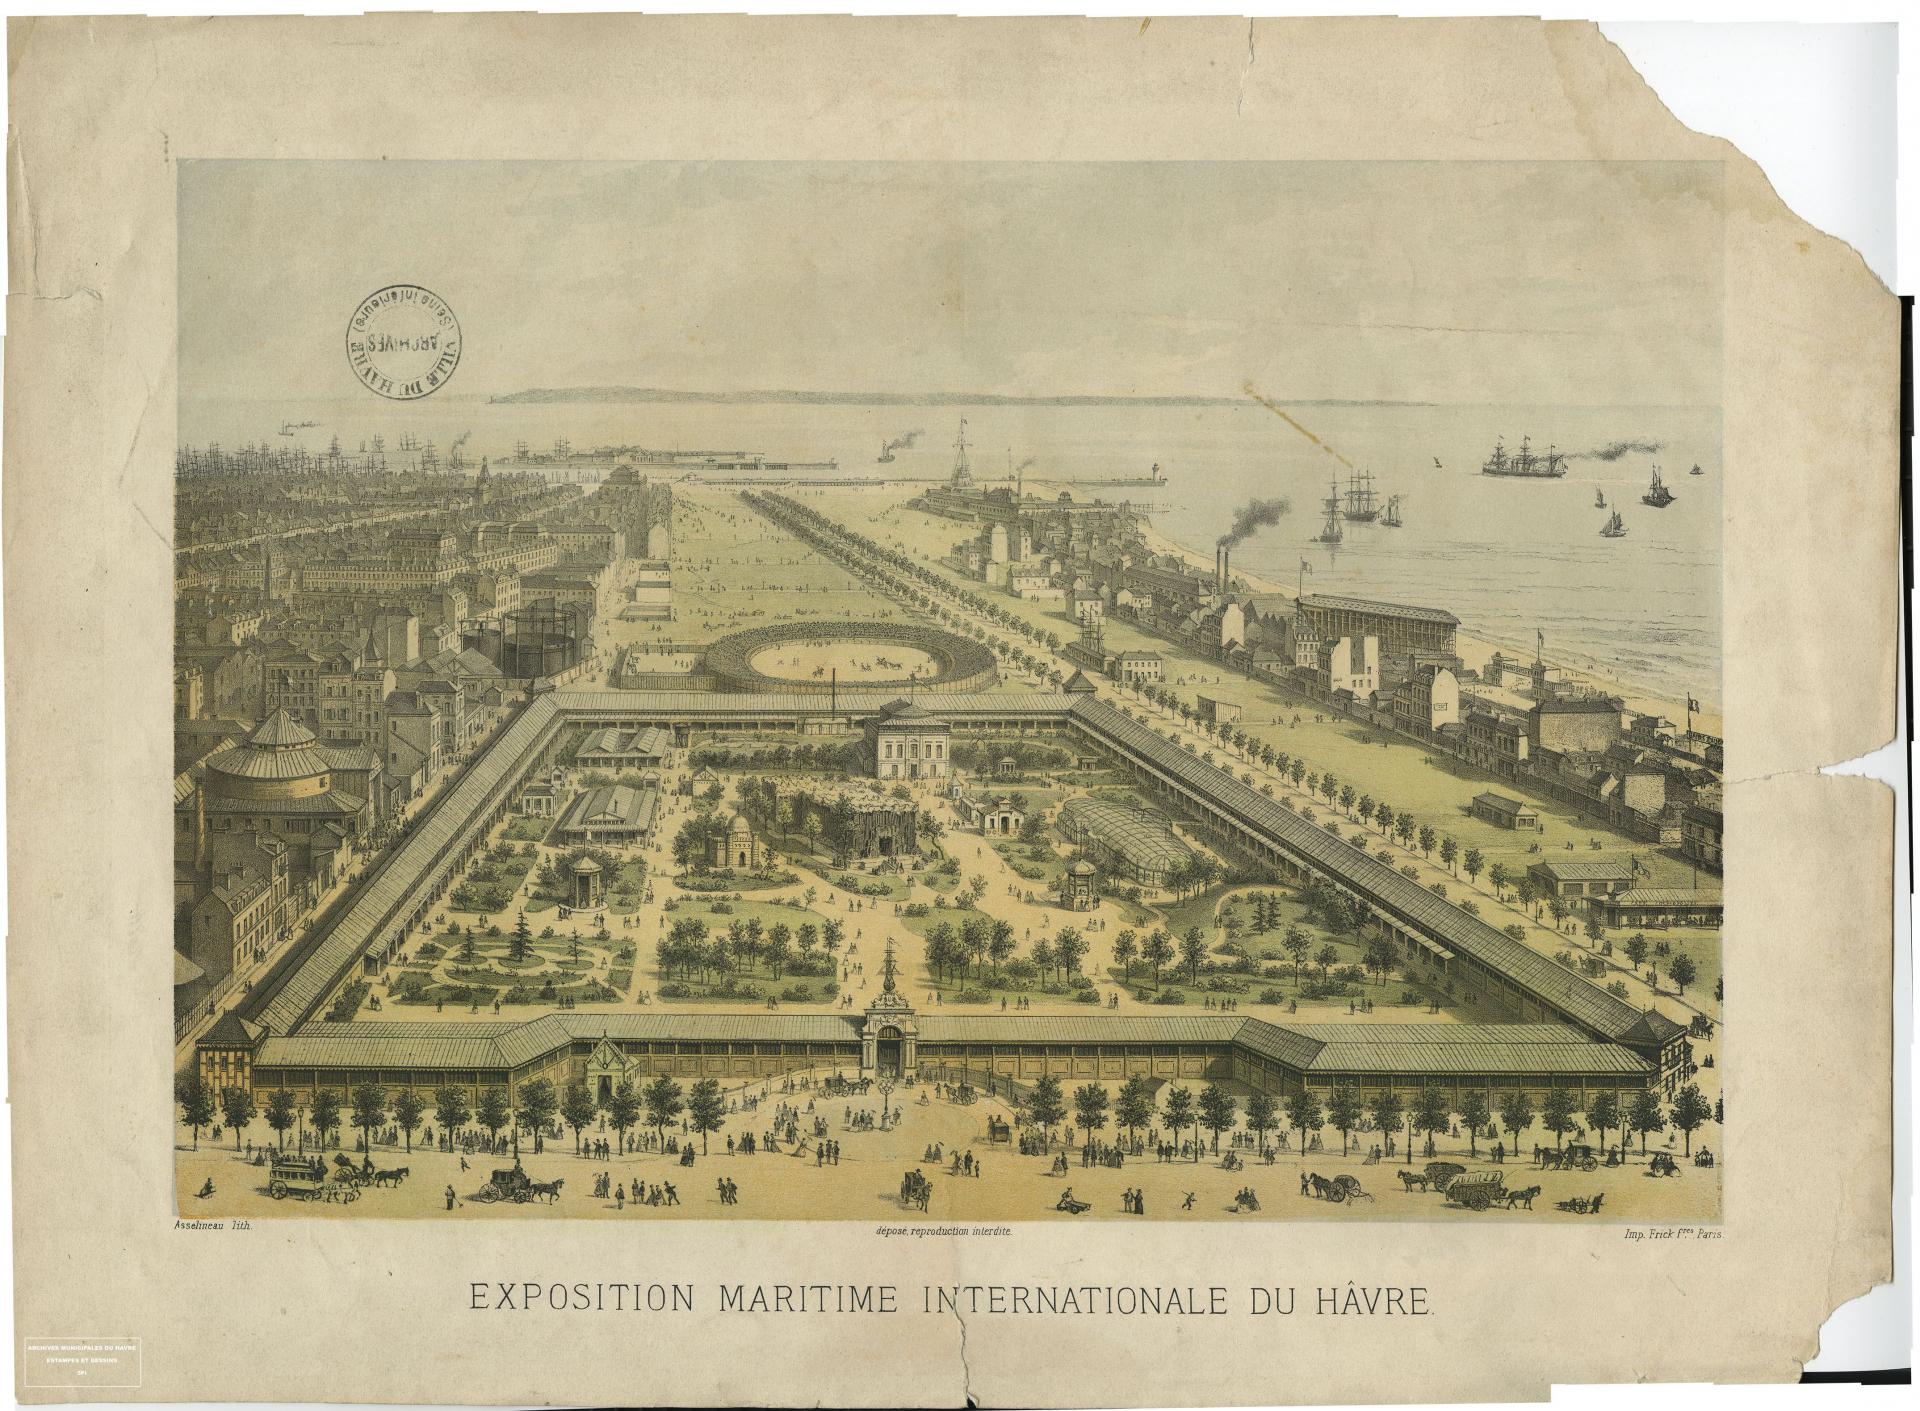 Exposition maritime internationale du Hâvre